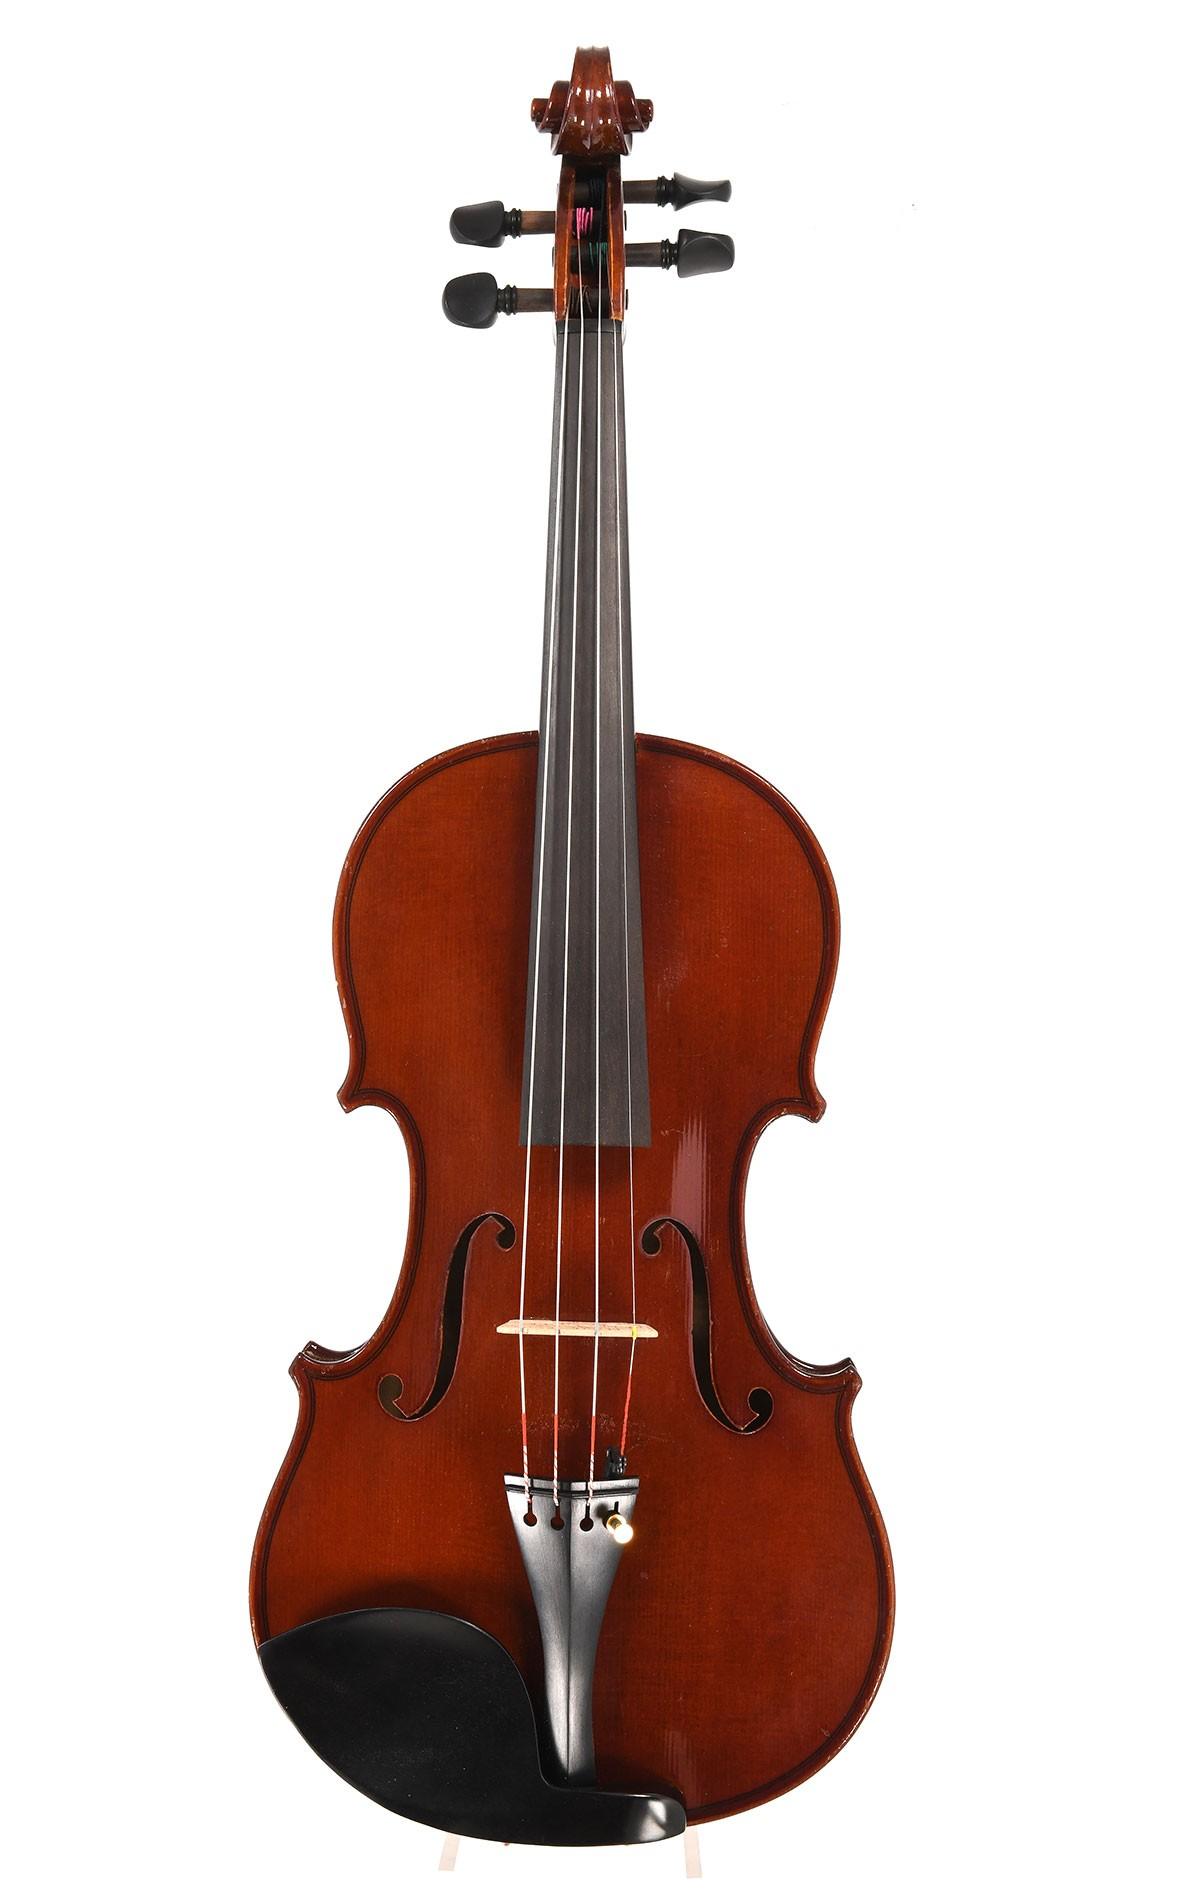 C. A. Wunderlich Geige